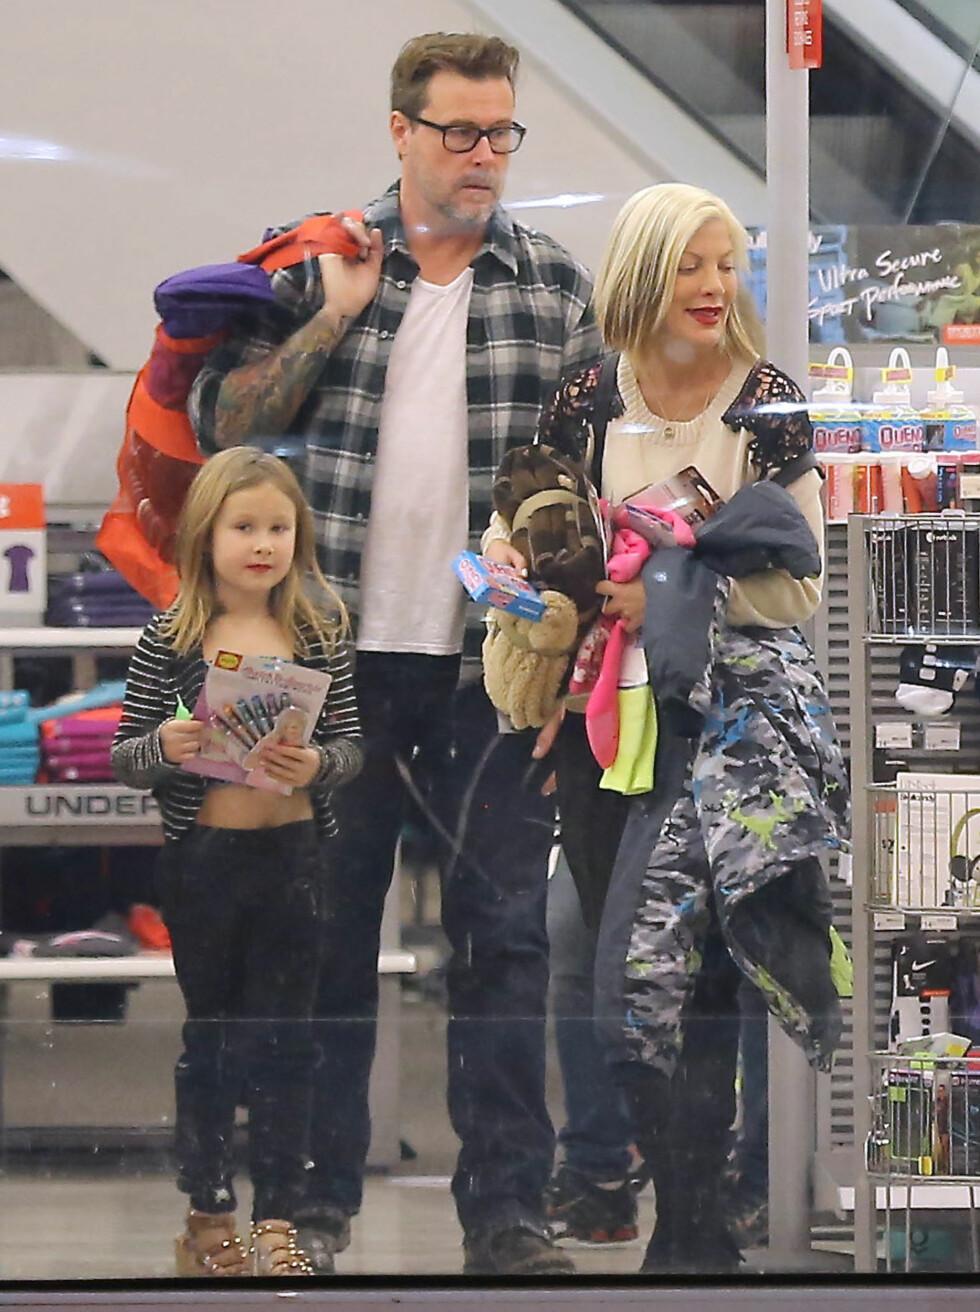 SKAL DE SKILLES?: Det er tidligere hevdet at Tori allerede har fylt ut skilsmissepapirene, men verken hun eller Dean har bekreftet ryktene. Foto: Stella Pictures